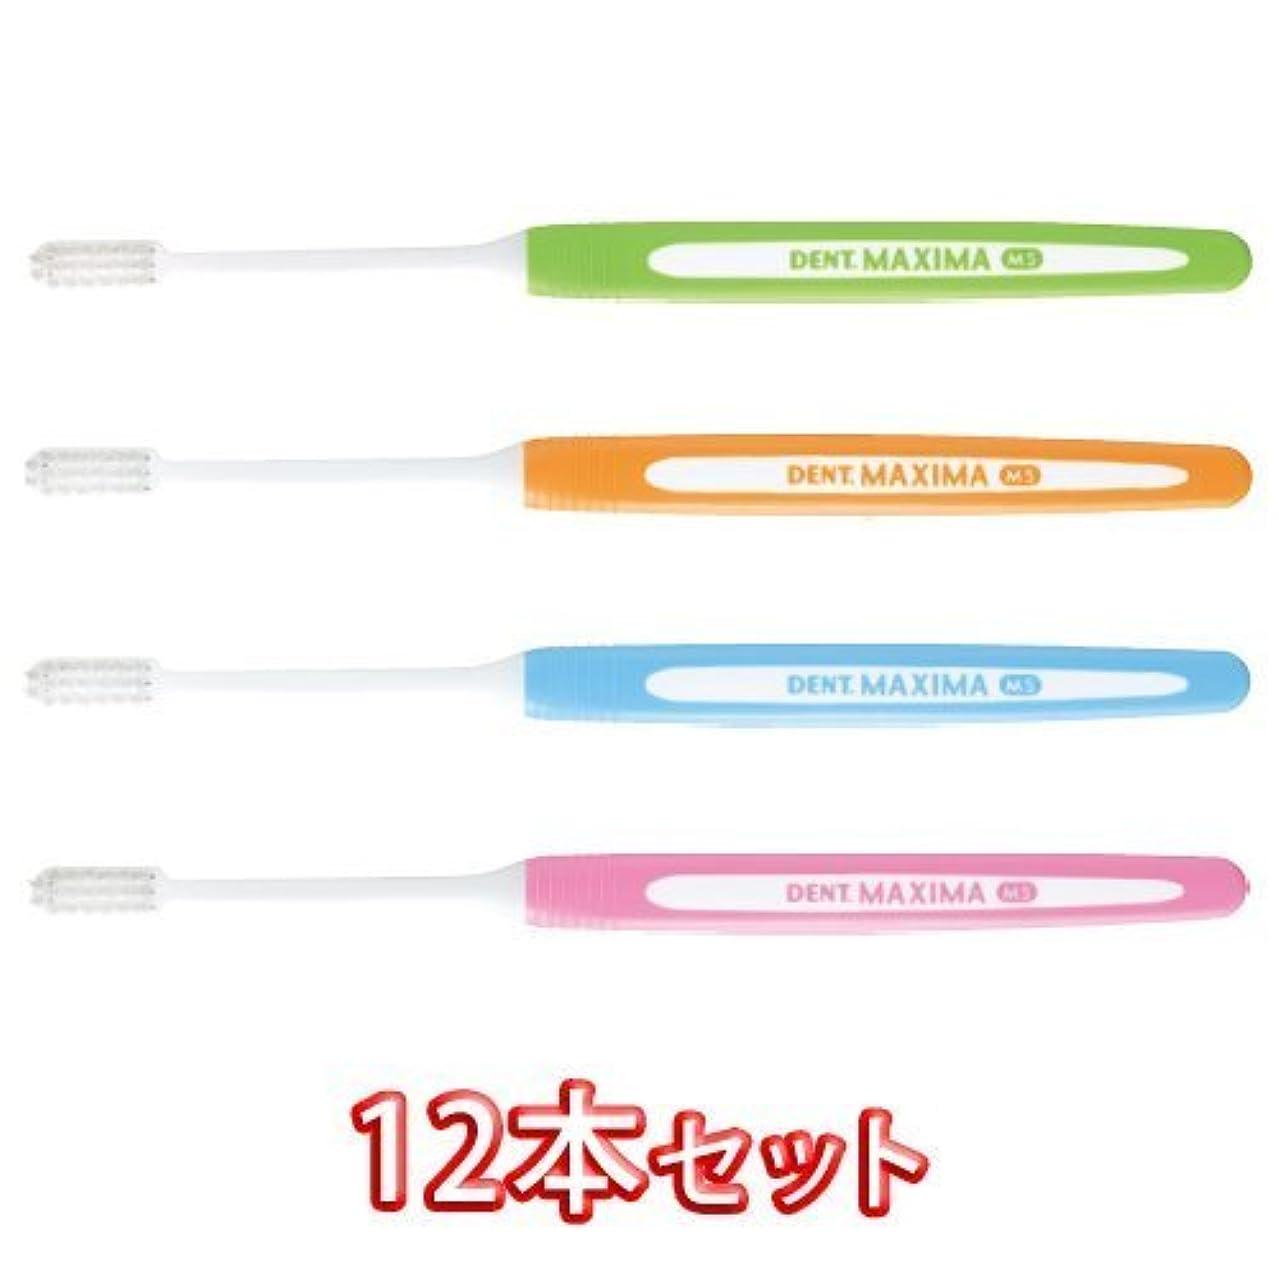 ライオン DENT.MAXIMA ハブラシ MS(ミディアムソフト) × 12本【デント マキシマ】歯科用 歯ブラシ